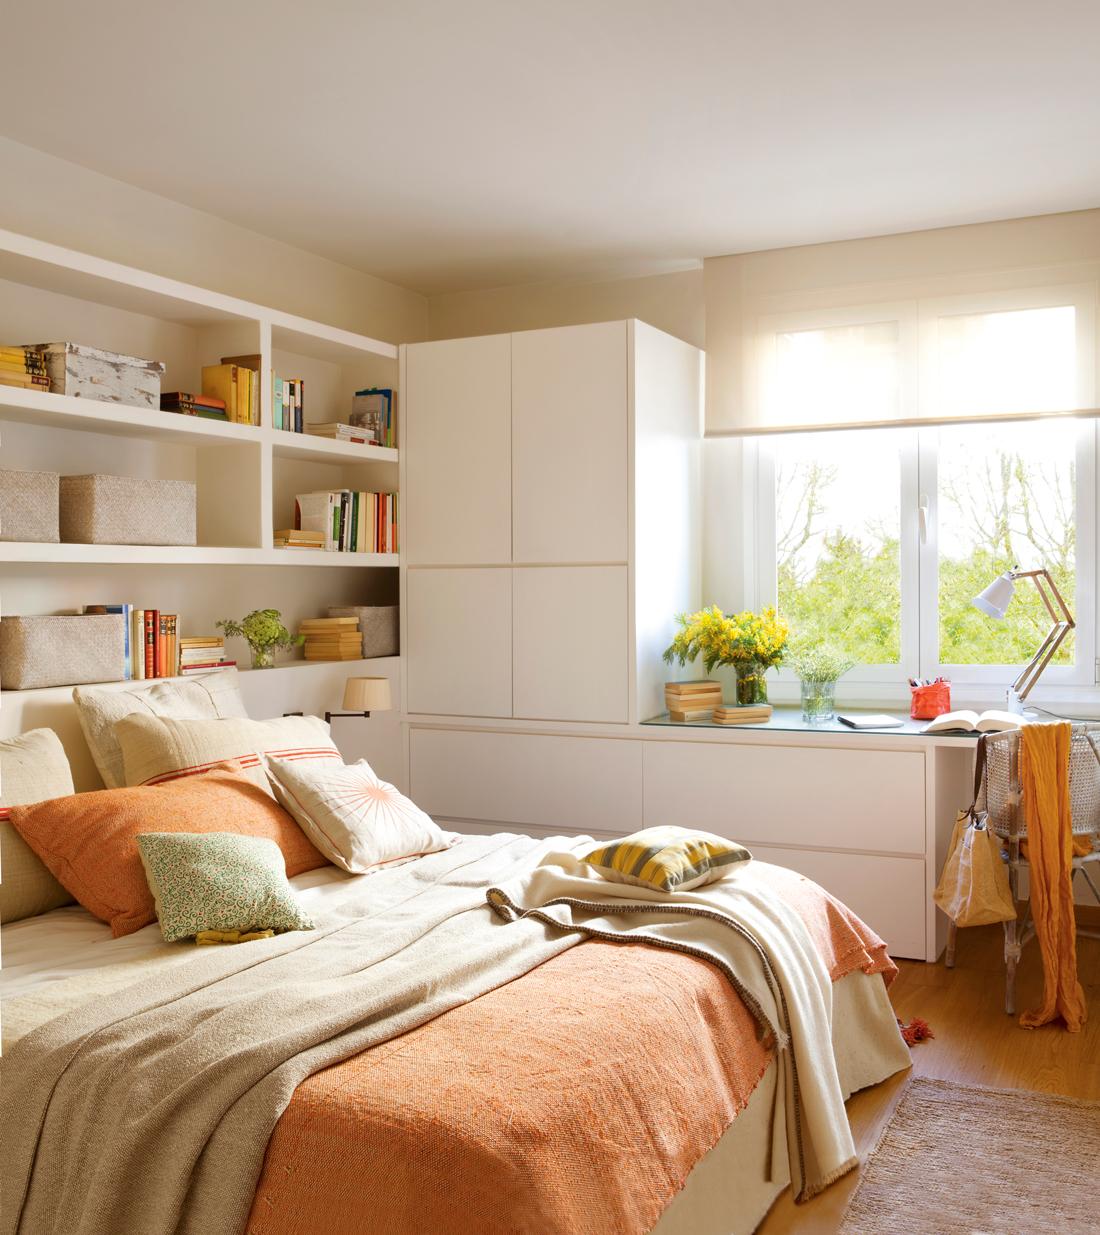 Muebles a medida: gana metros y almacén